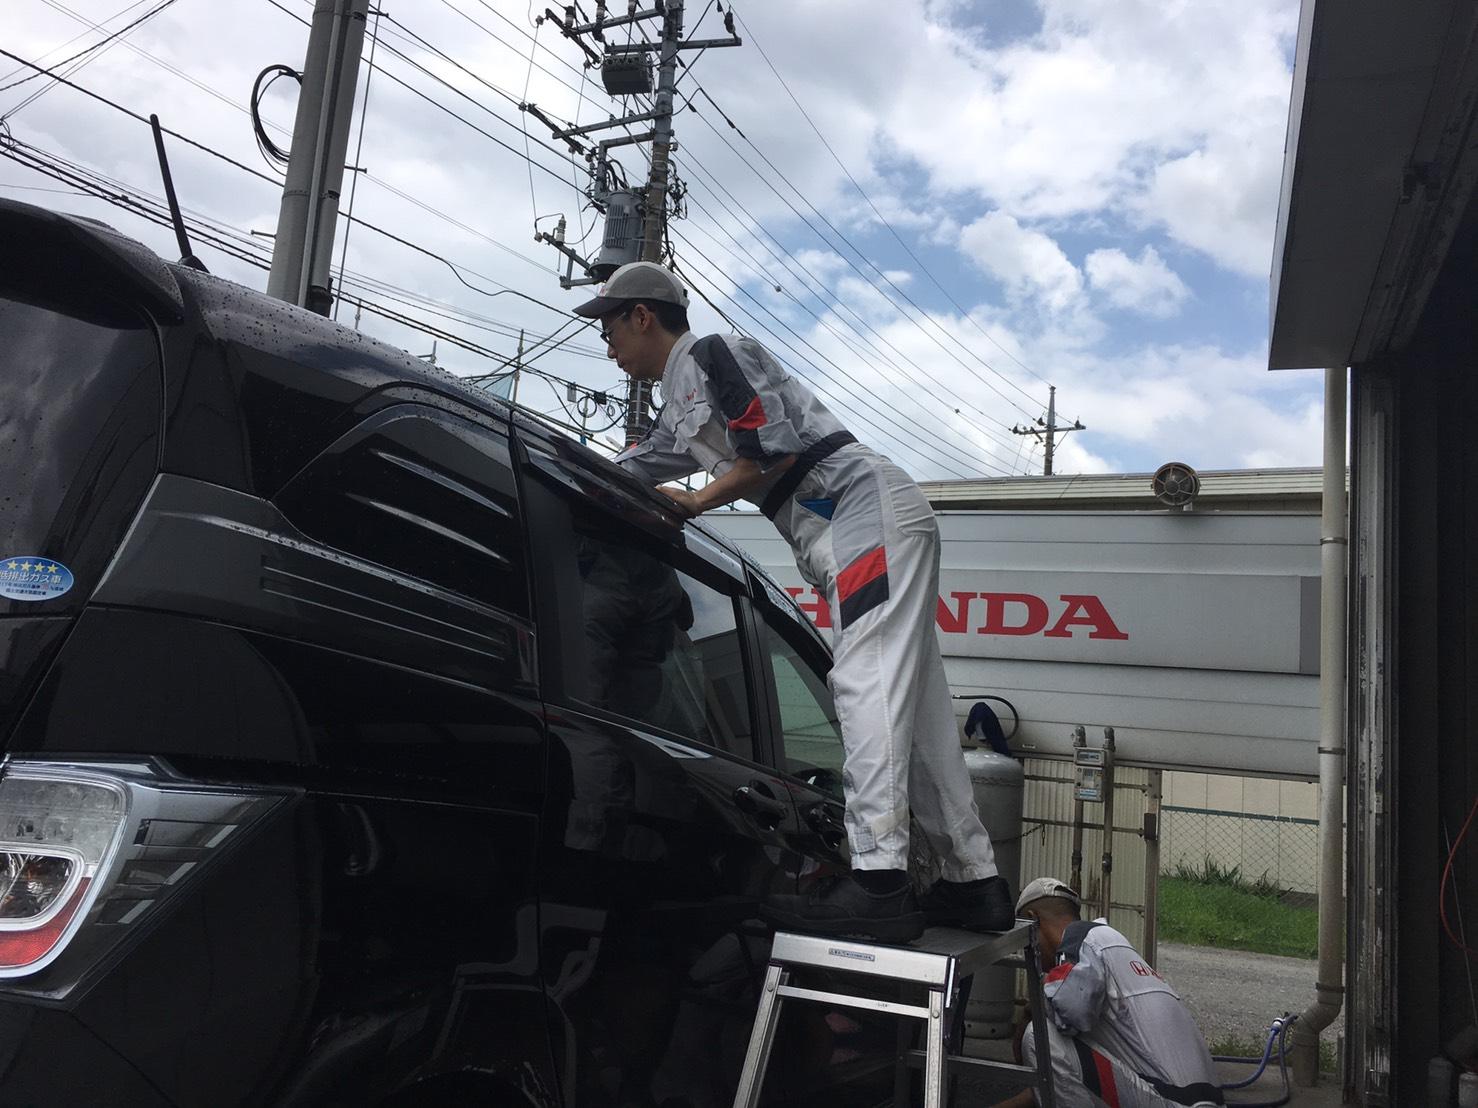 【埼玉県三郷市】自動車のプロフェッショナルとして一緒に働きませんか?【Honda】